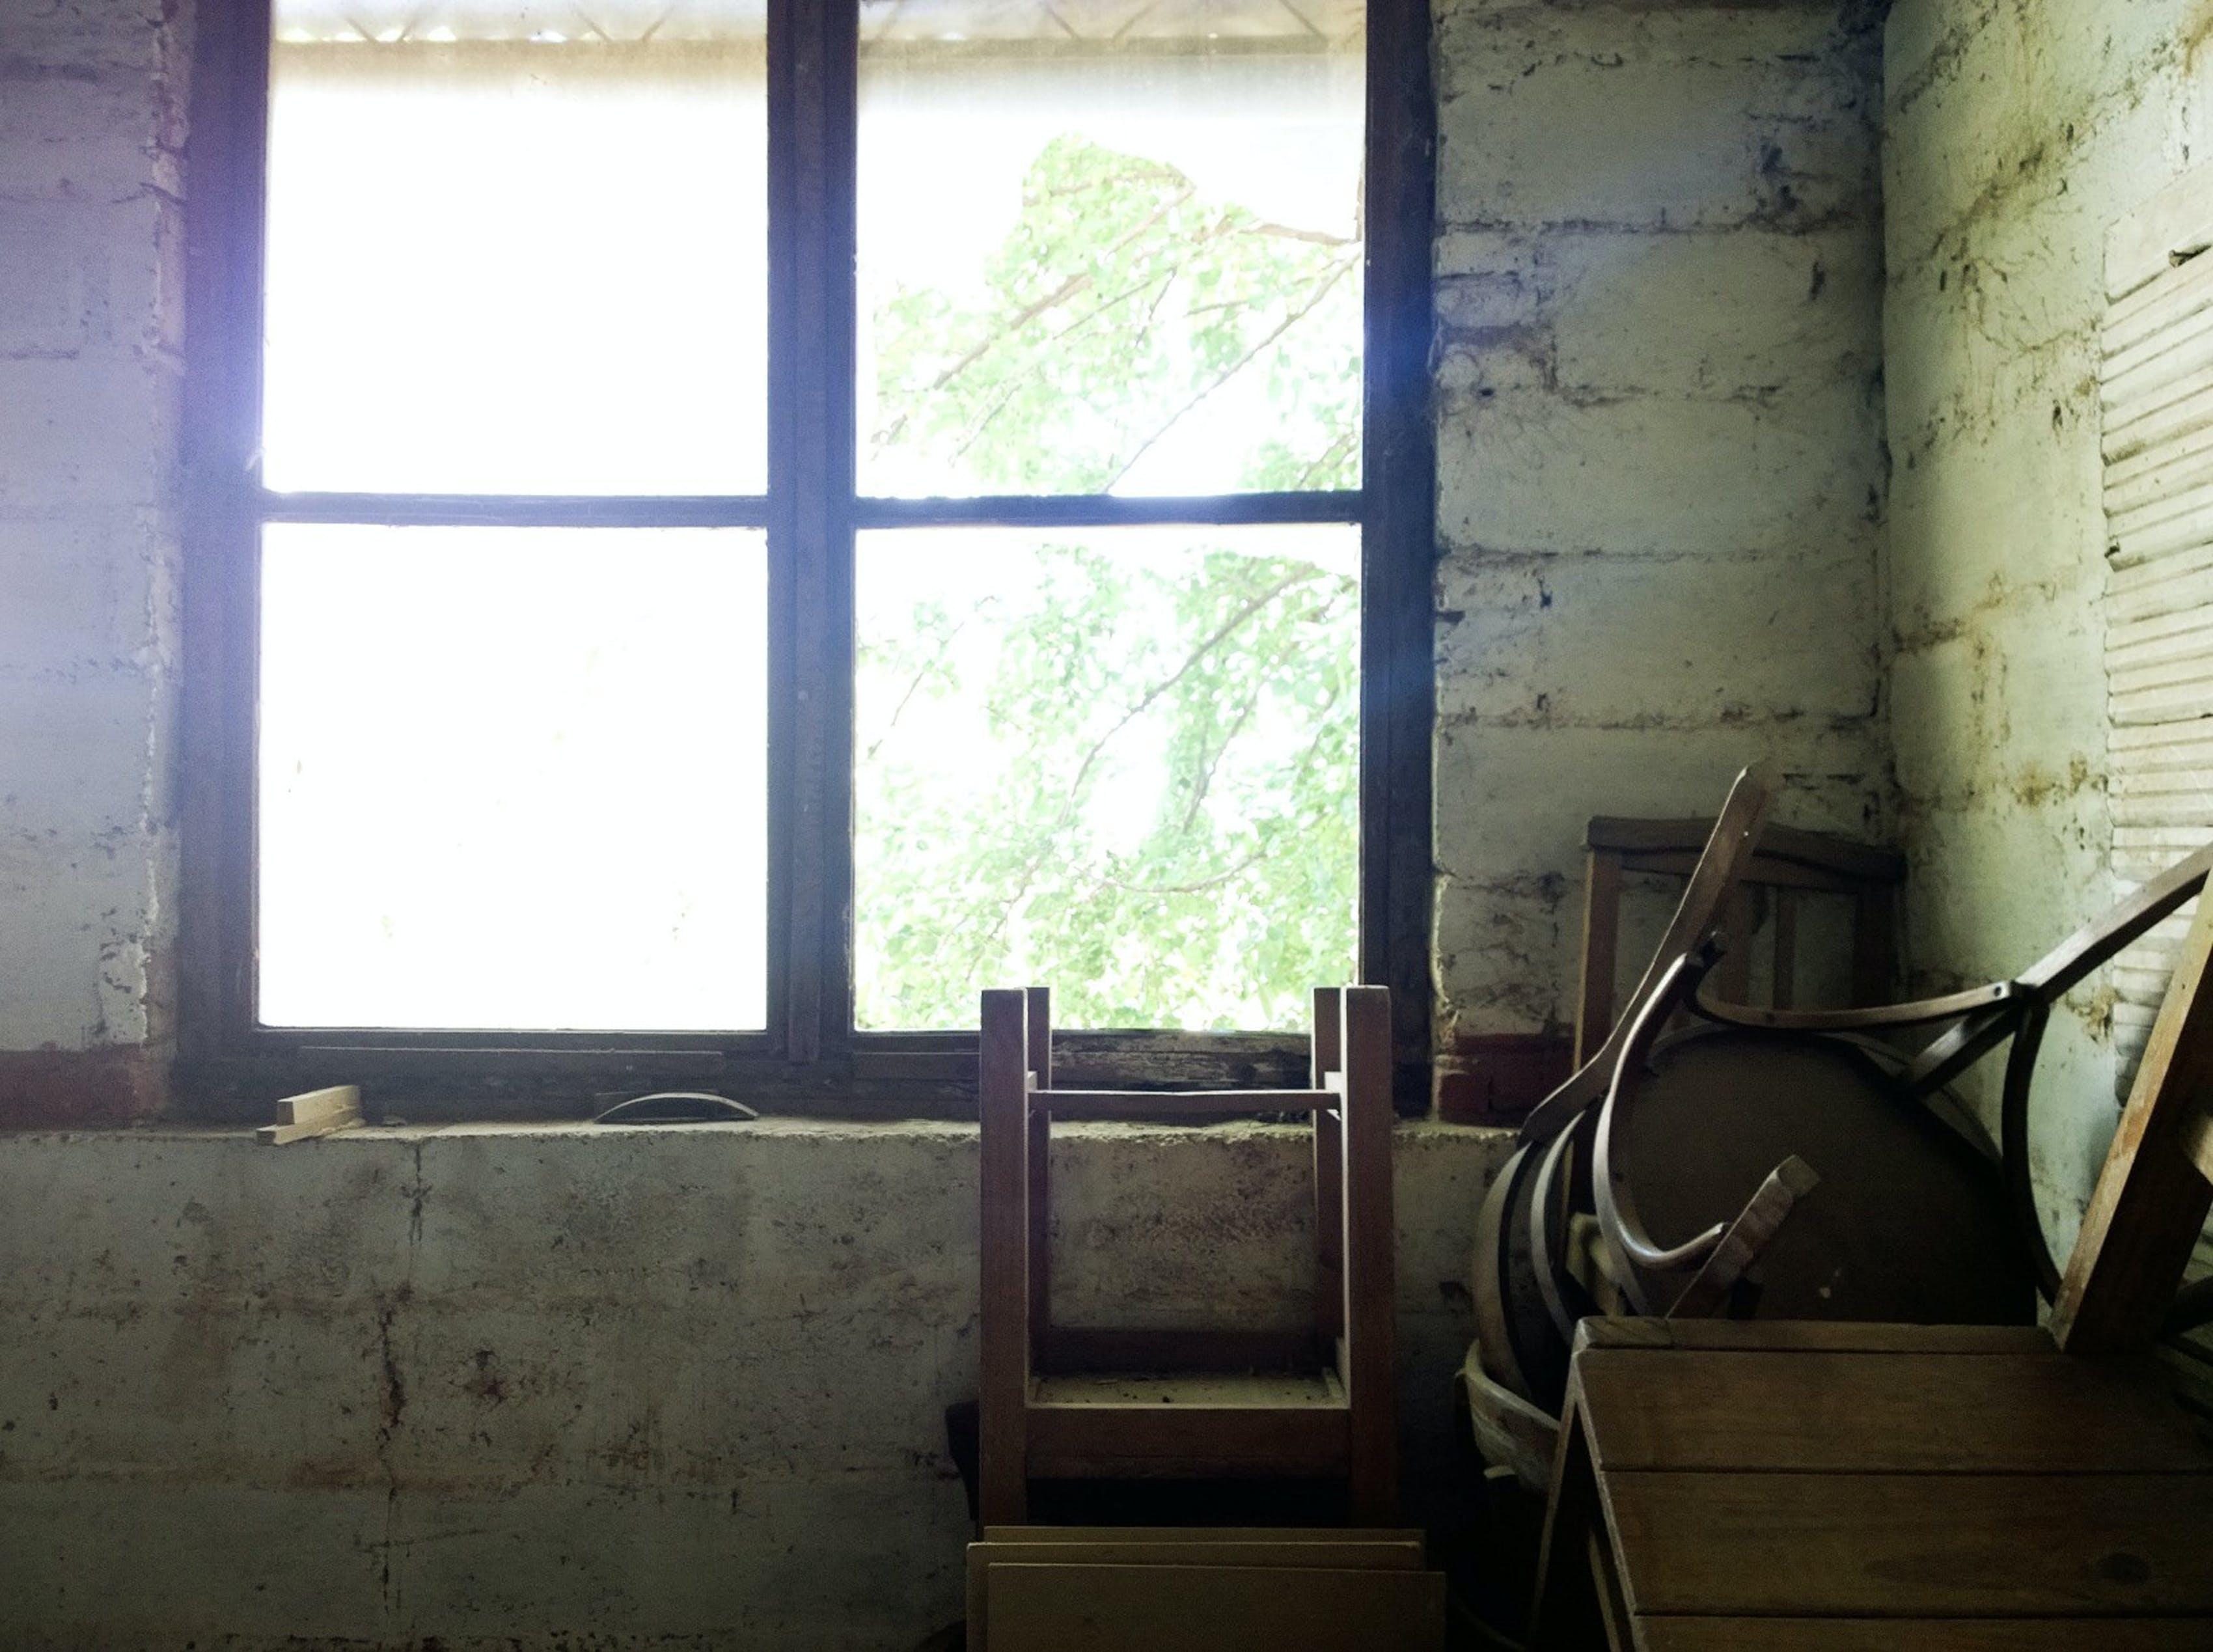 Δωρεάν στοκ φωτογραφιών με αγροτικός, βρώμικος, δωμάτιο, εγκαταλειμμένος